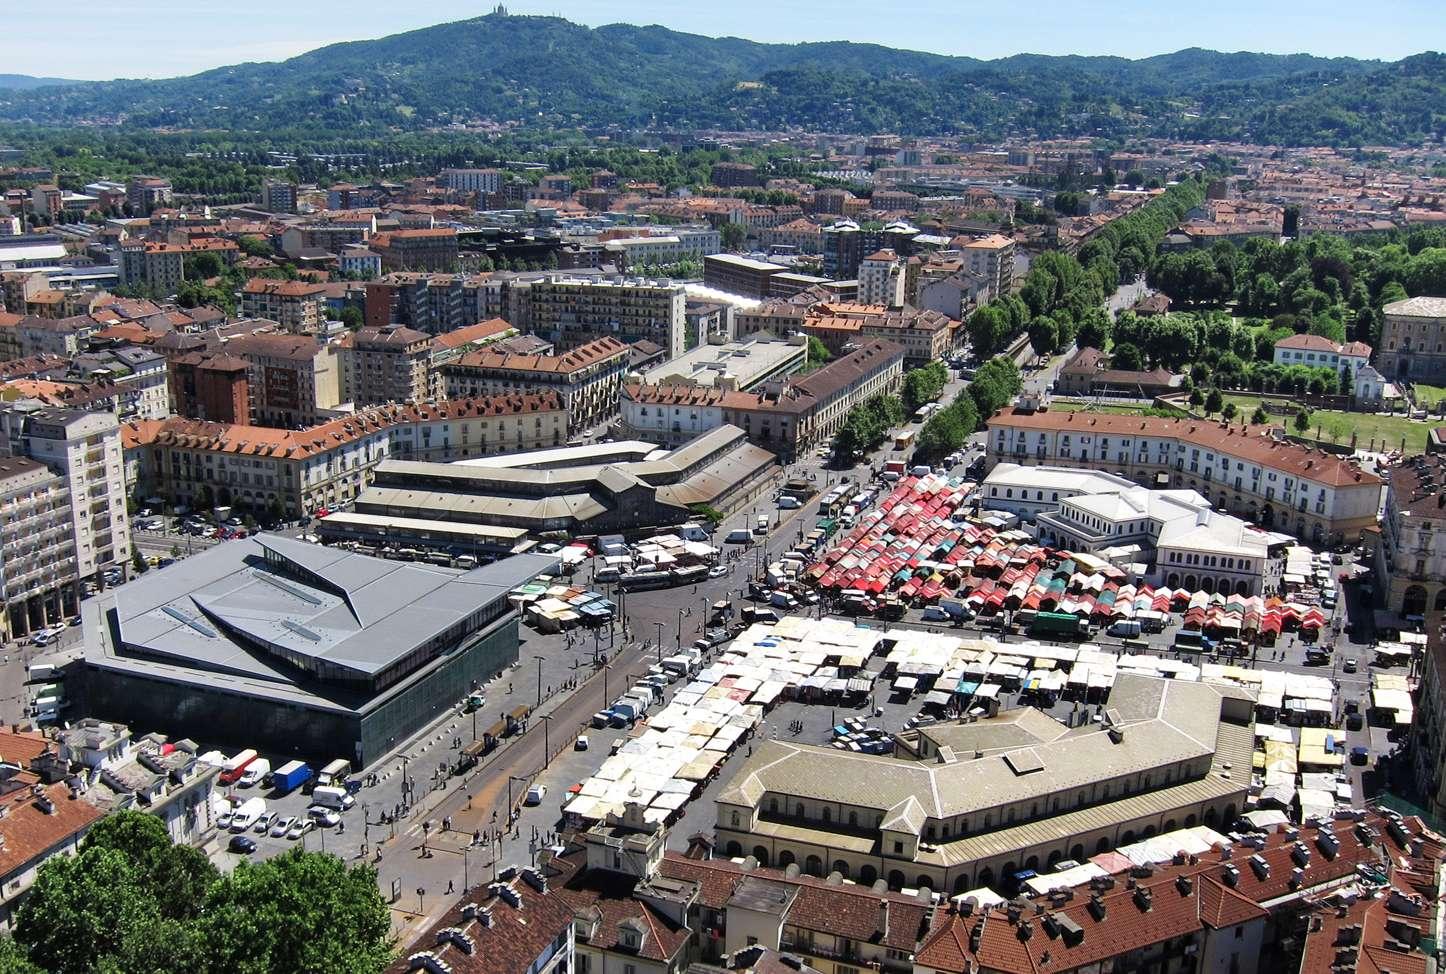 Torino, veduta dell'area di Porta Palazzo. A sinistra l'edificio in vetro e metallo che ospita il Mercato Centrale